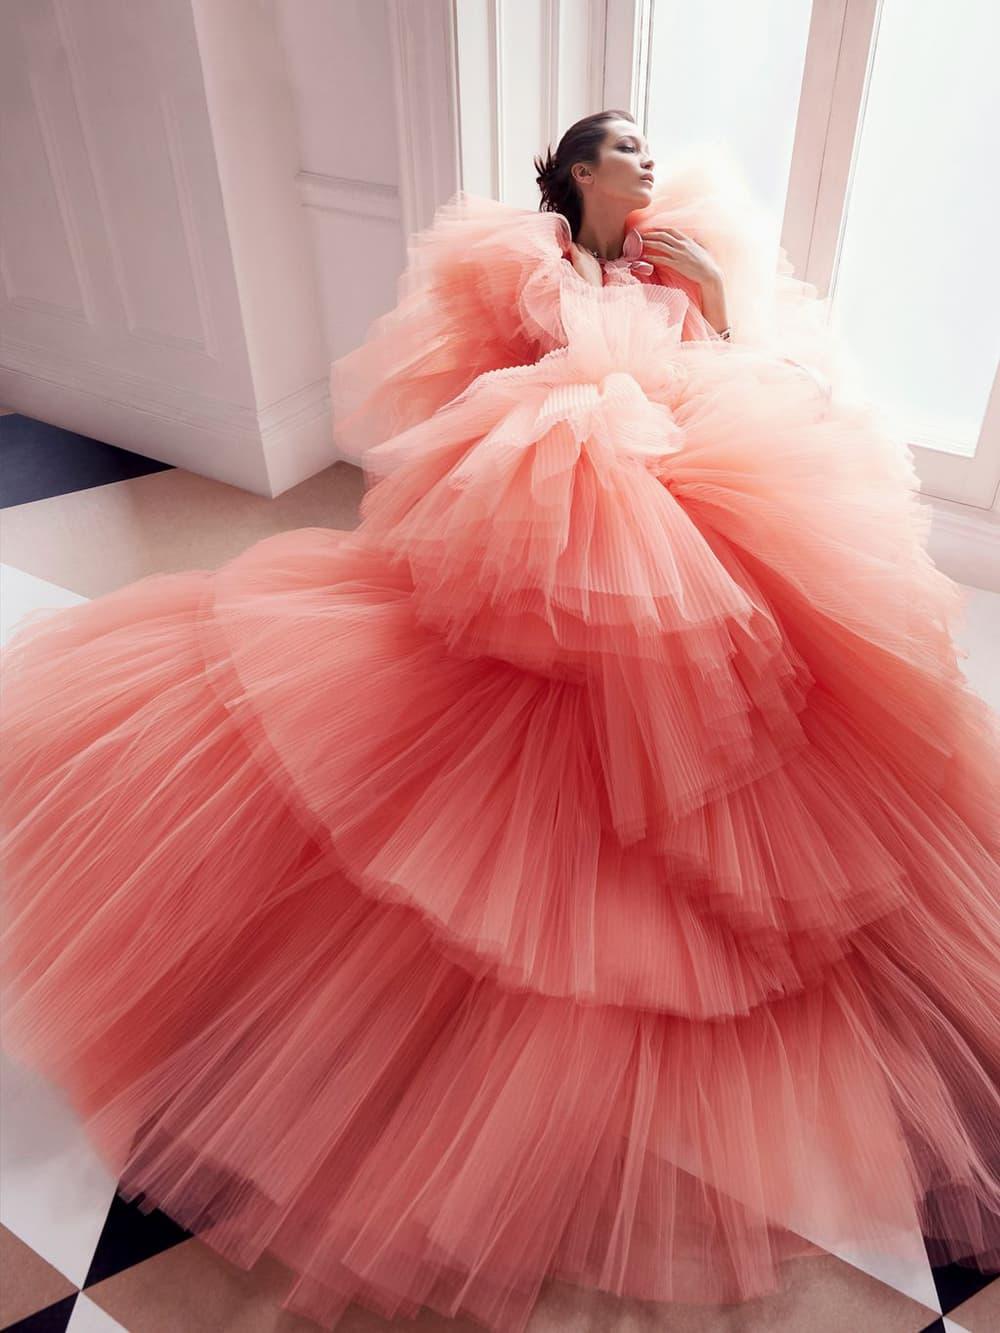 Bella Hadid Harper's Bazaar June July 2018 Pink Tulle Dress Gown